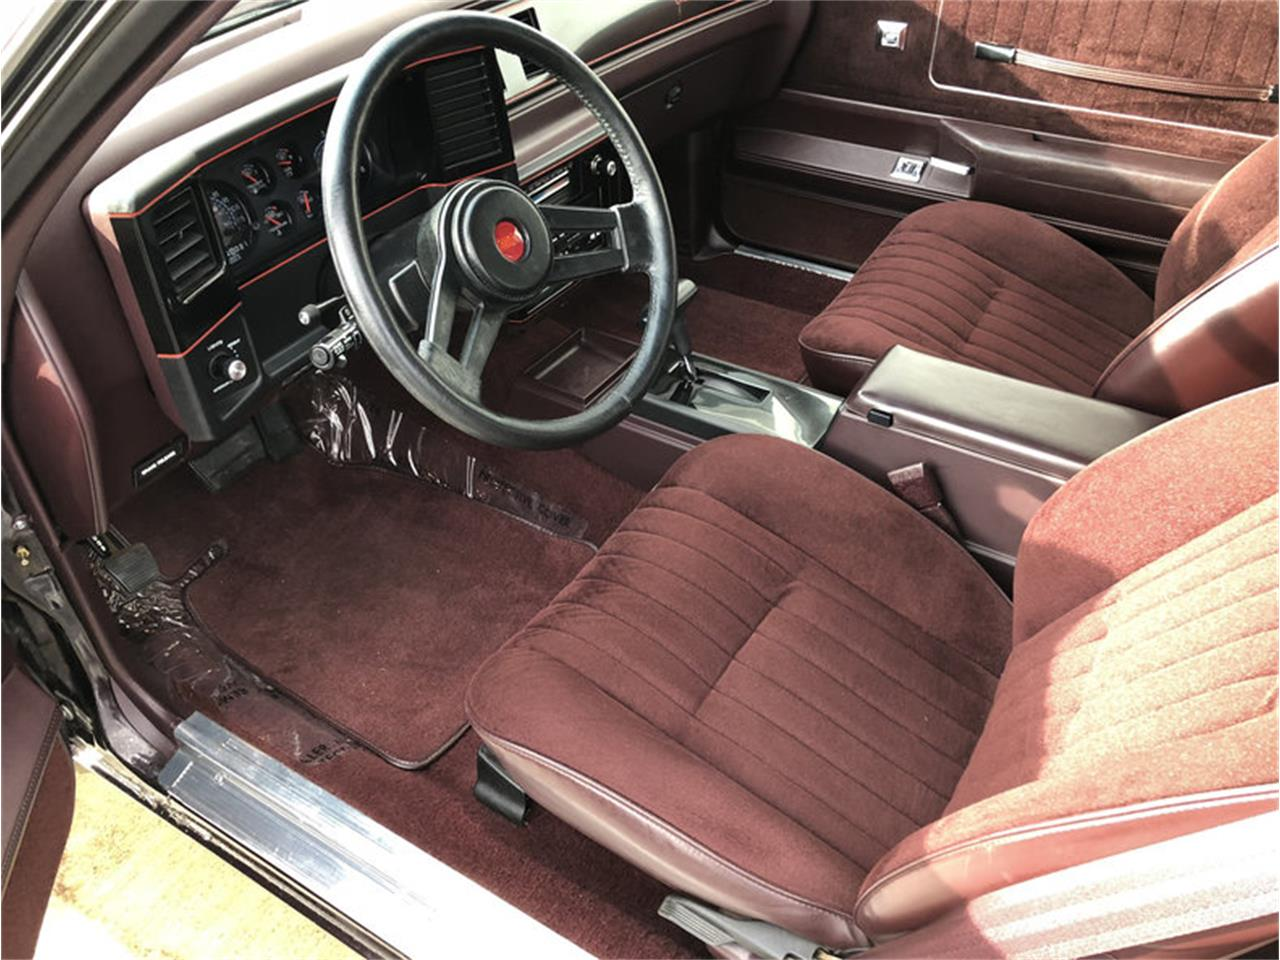 For Sale: 1987 Chevrolet Monte Carlo SS Aerocoupe in Columbiana, Ohio